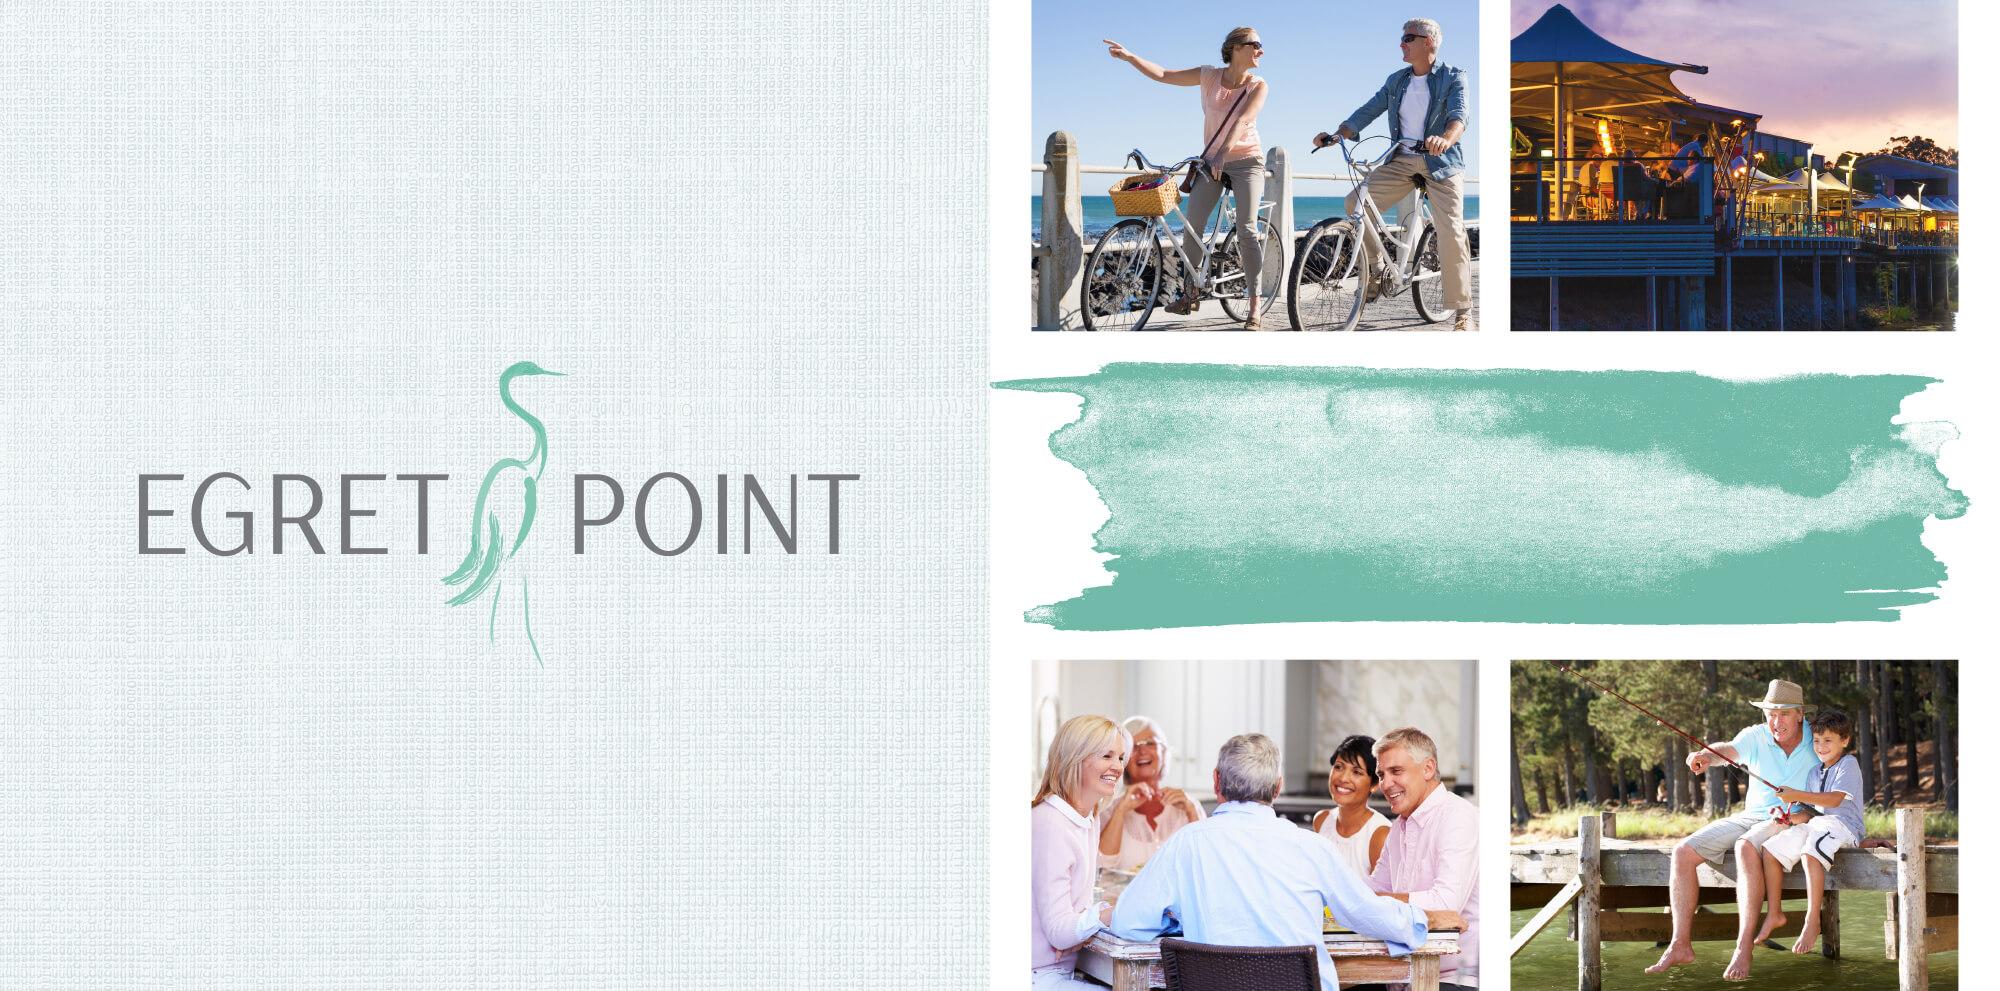 Egret Point